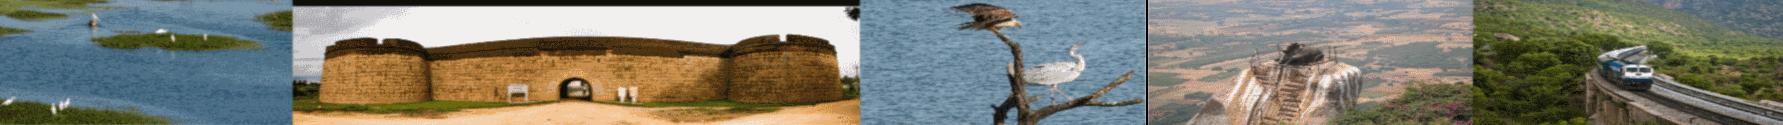 ಆಂತರಿಕ ಬ್ಯಾನರ್ ಚಿತ್ರ